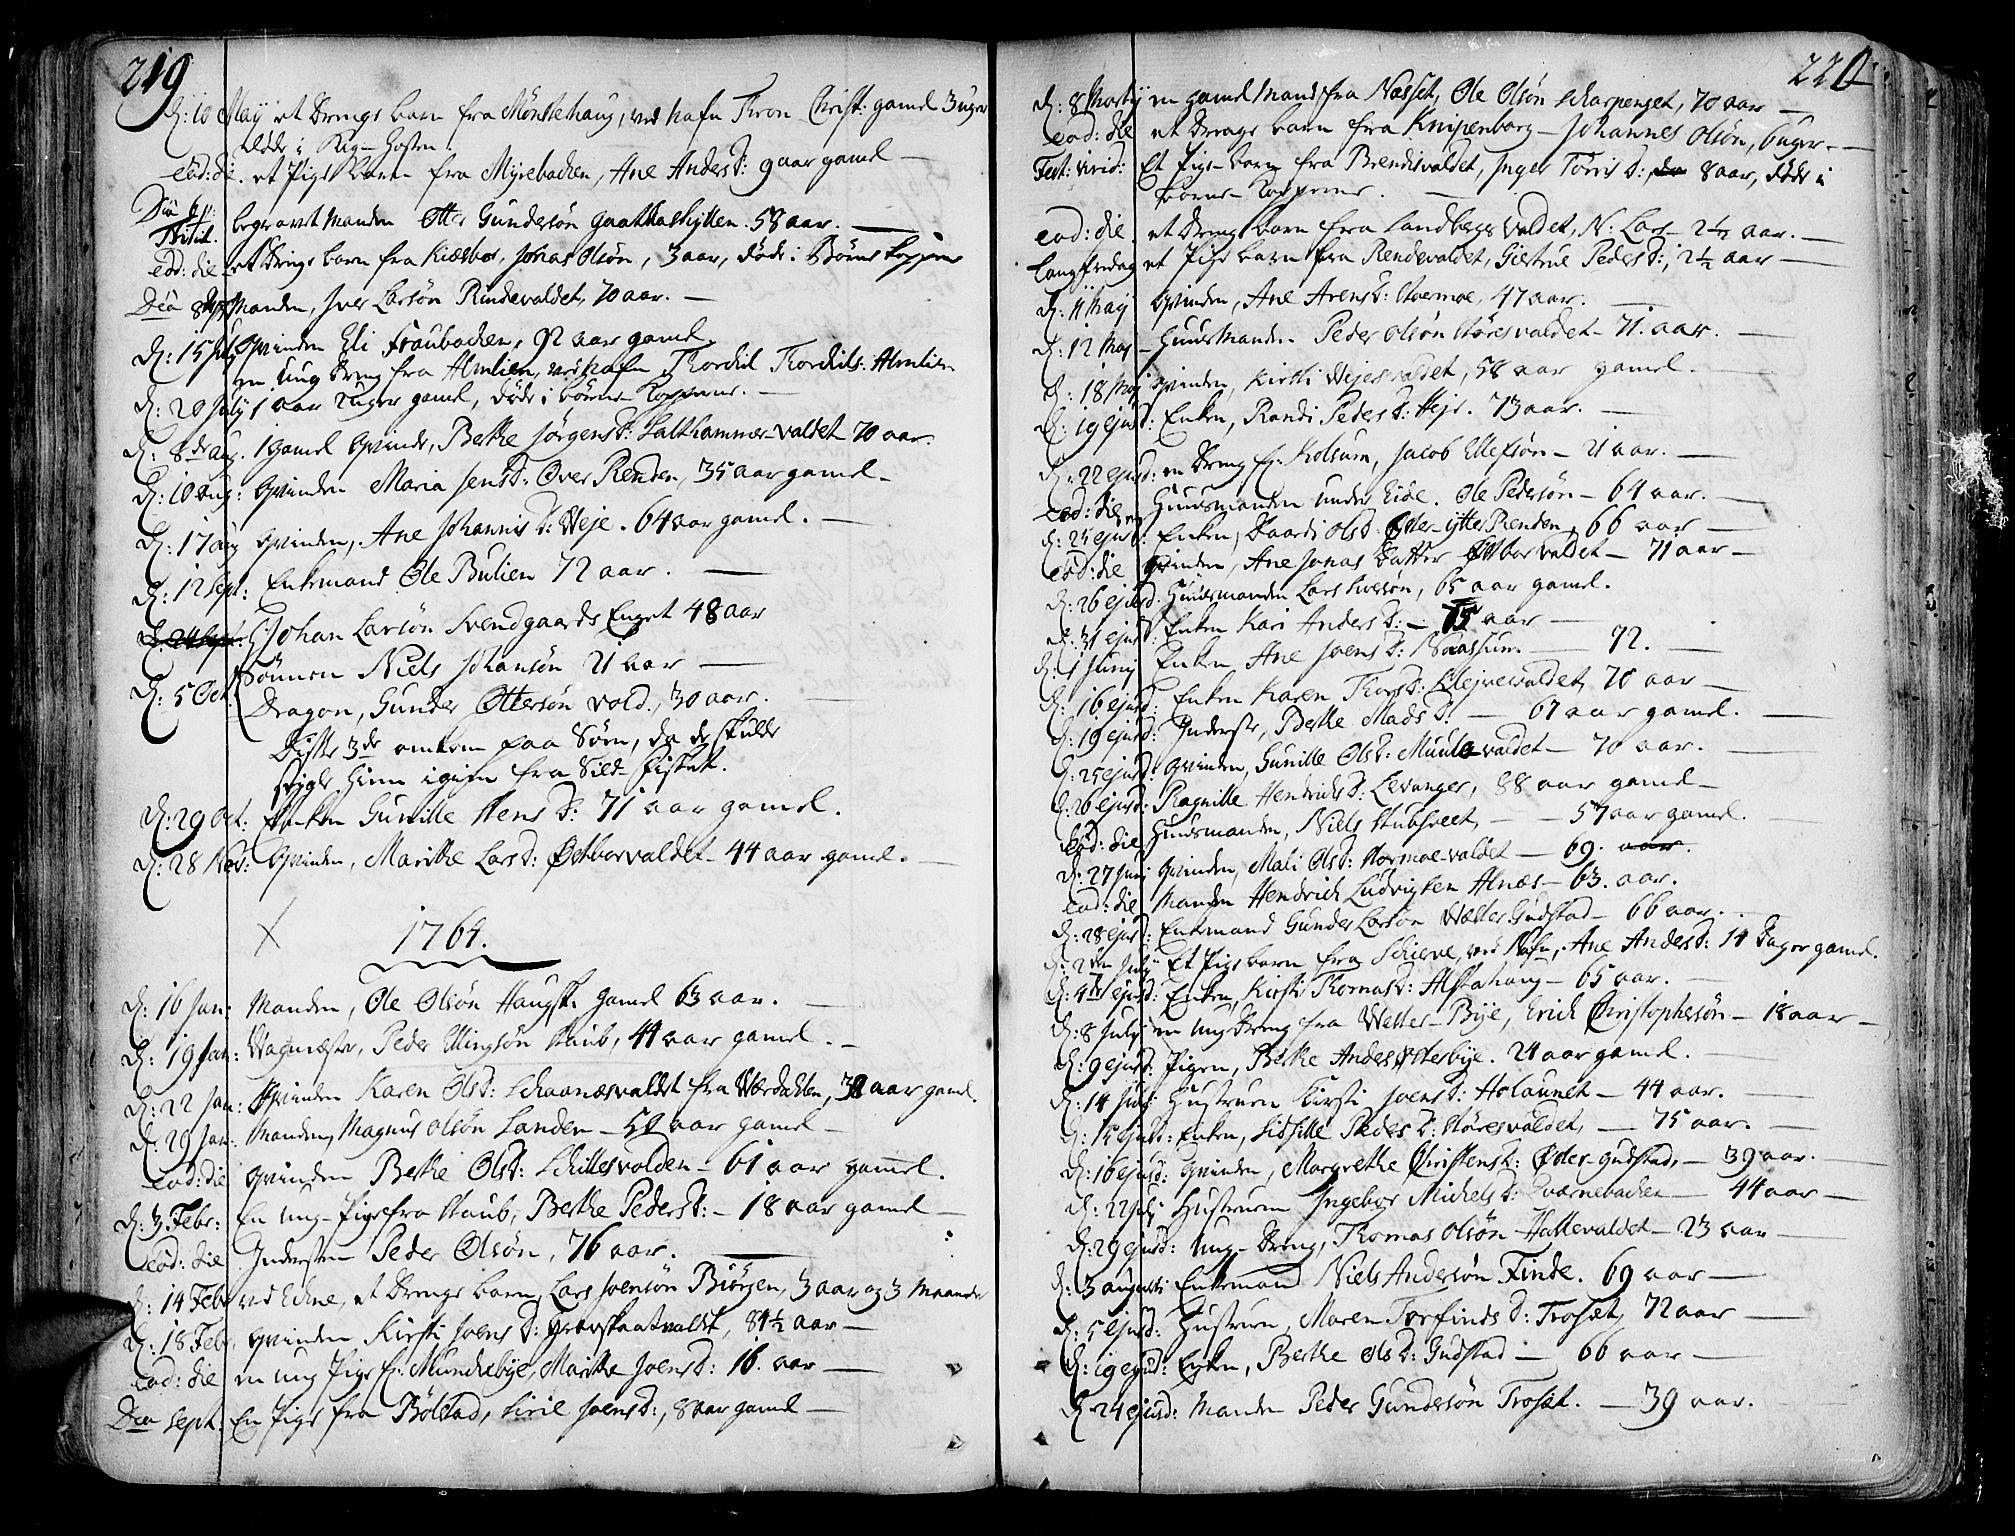 SAT, Ministerialprotokoller, klokkerbøker og fødselsregistre - Nord-Trøndelag, 717/L0141: Ministerialbok nr. 717A01, 1747-1803, s. 219-220